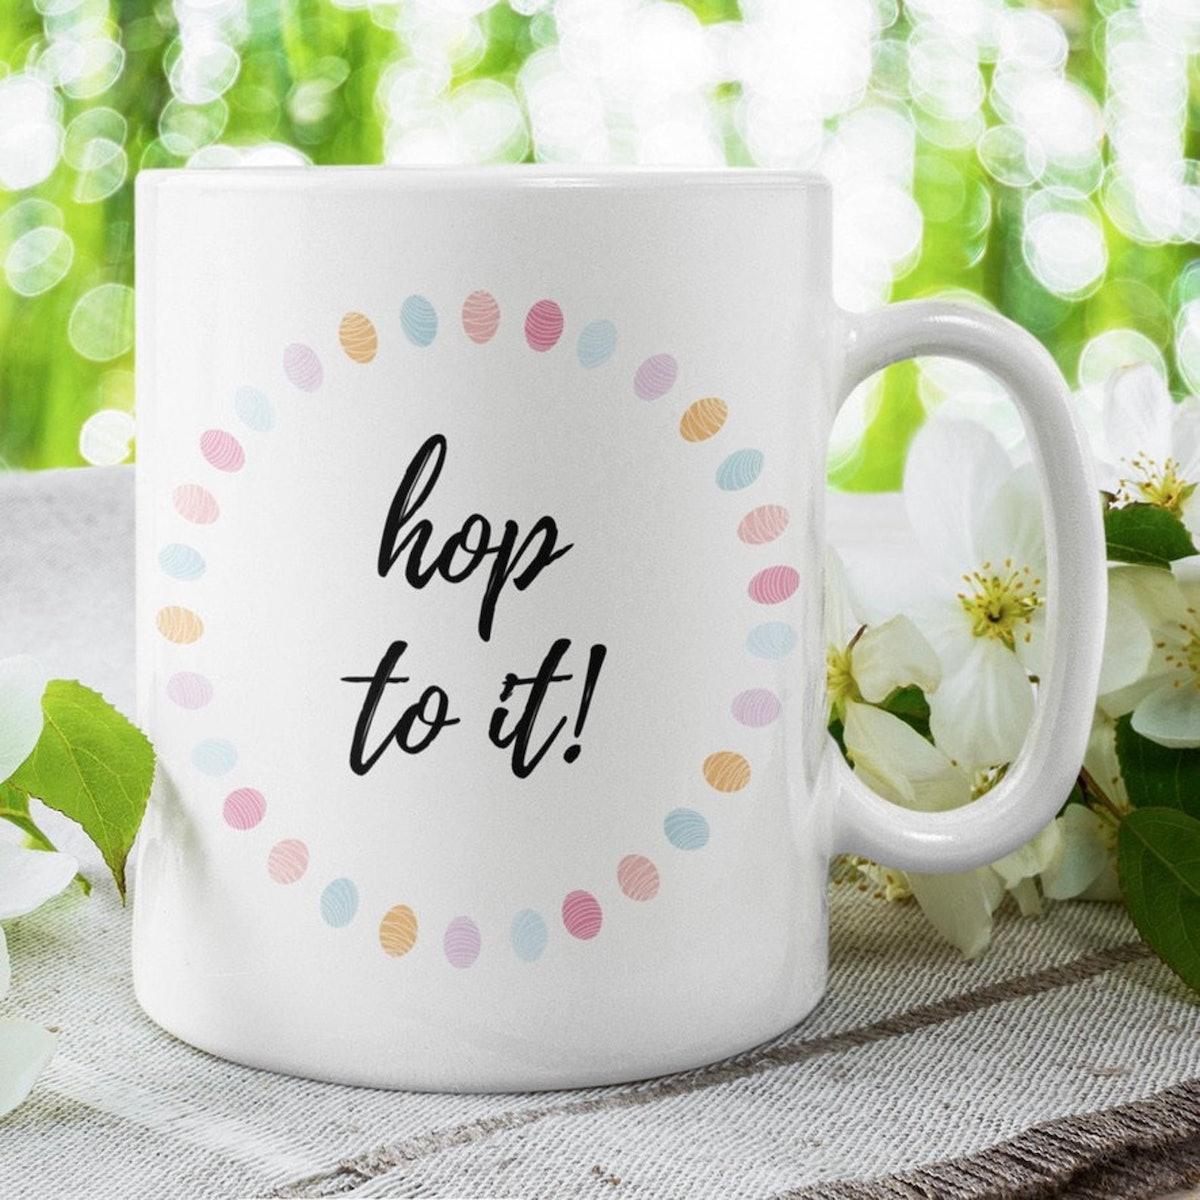 Hop To It! Mug